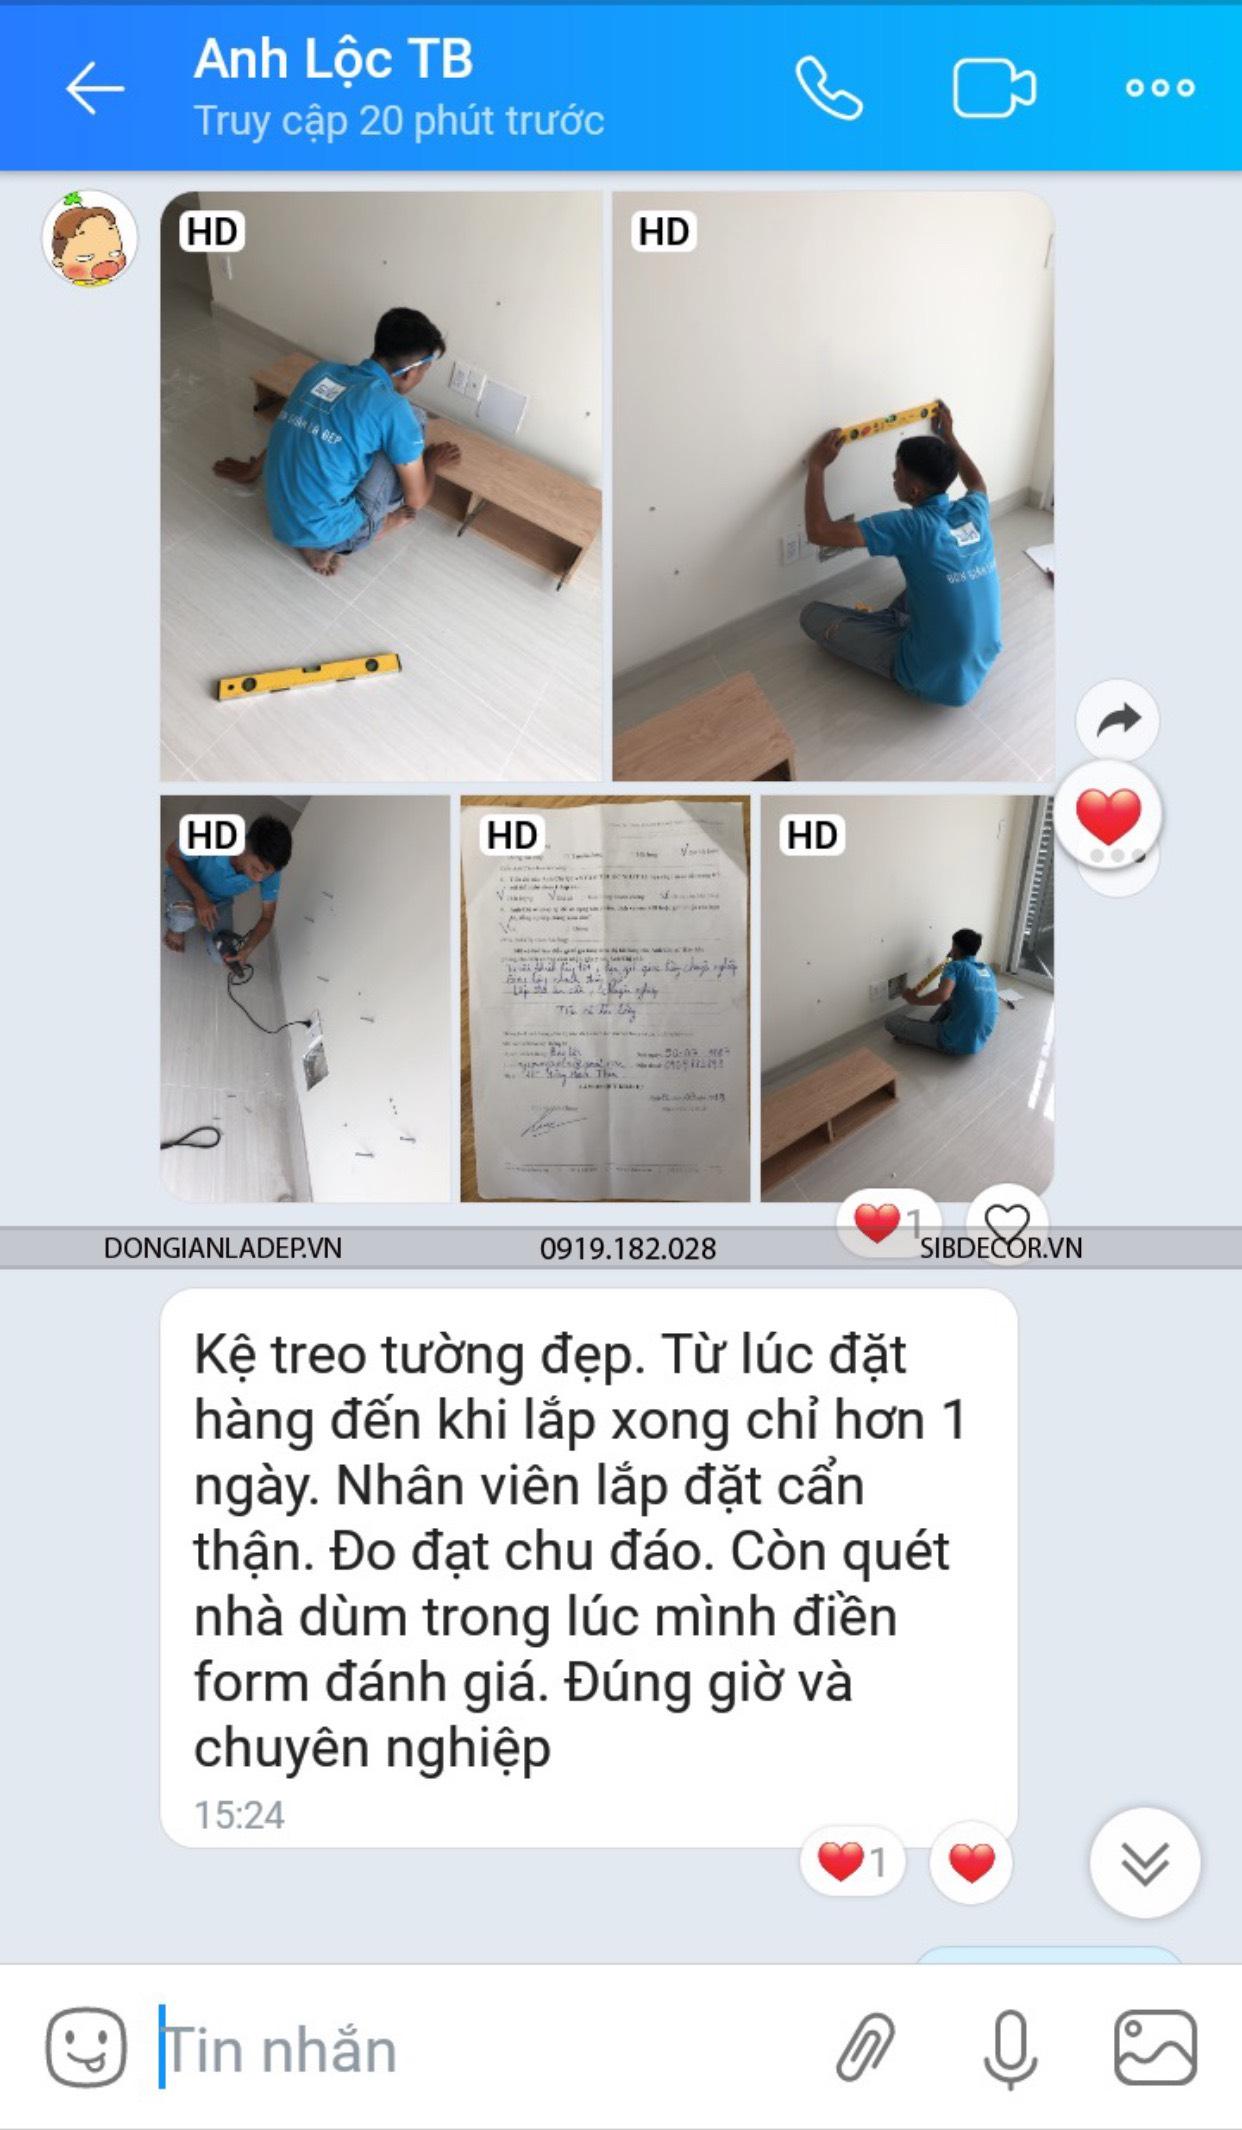 Lời khen cùng feedback khi kĩ thuật lắp đặt kệ tivi treo tường của anh Lộc